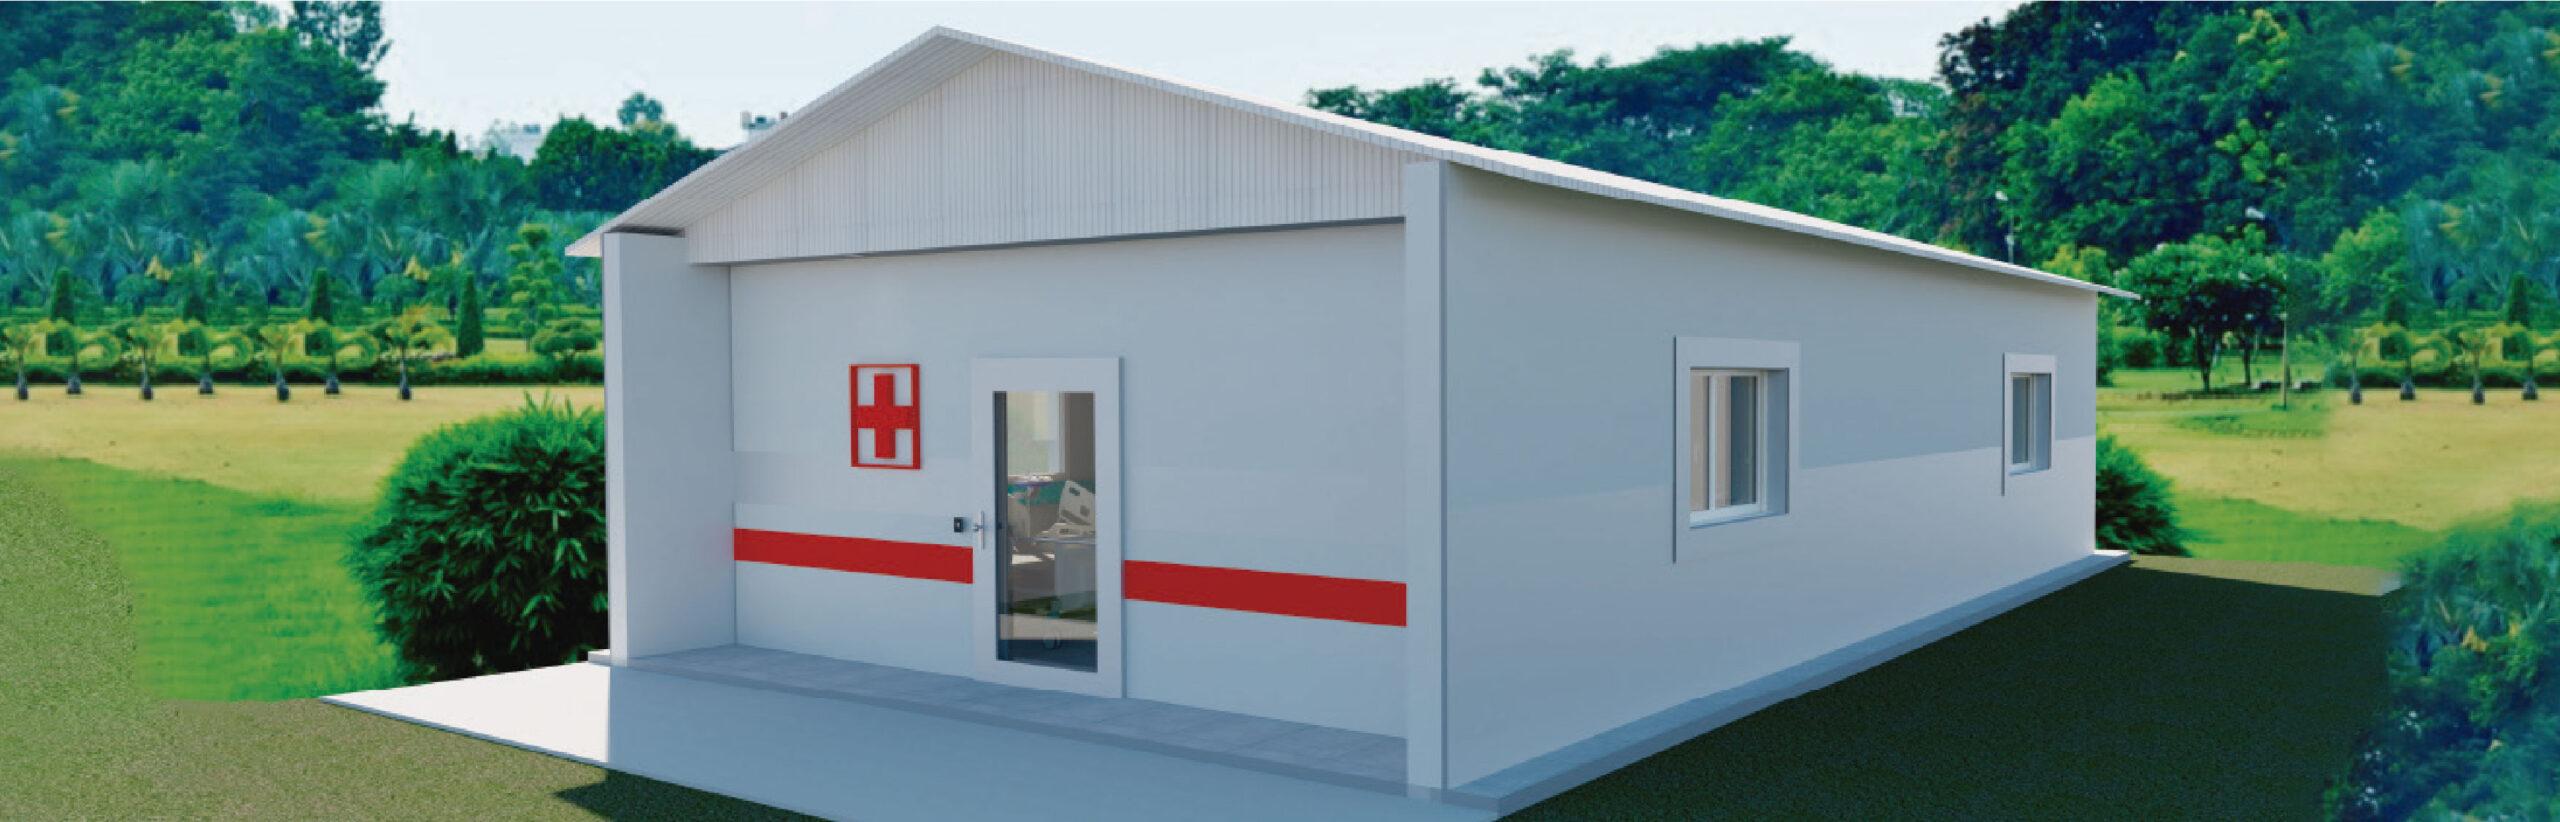 Astori diseñó un Módulo Hospitalario de Emergencia para abastecer las necesidades edilicias durante la pandemia